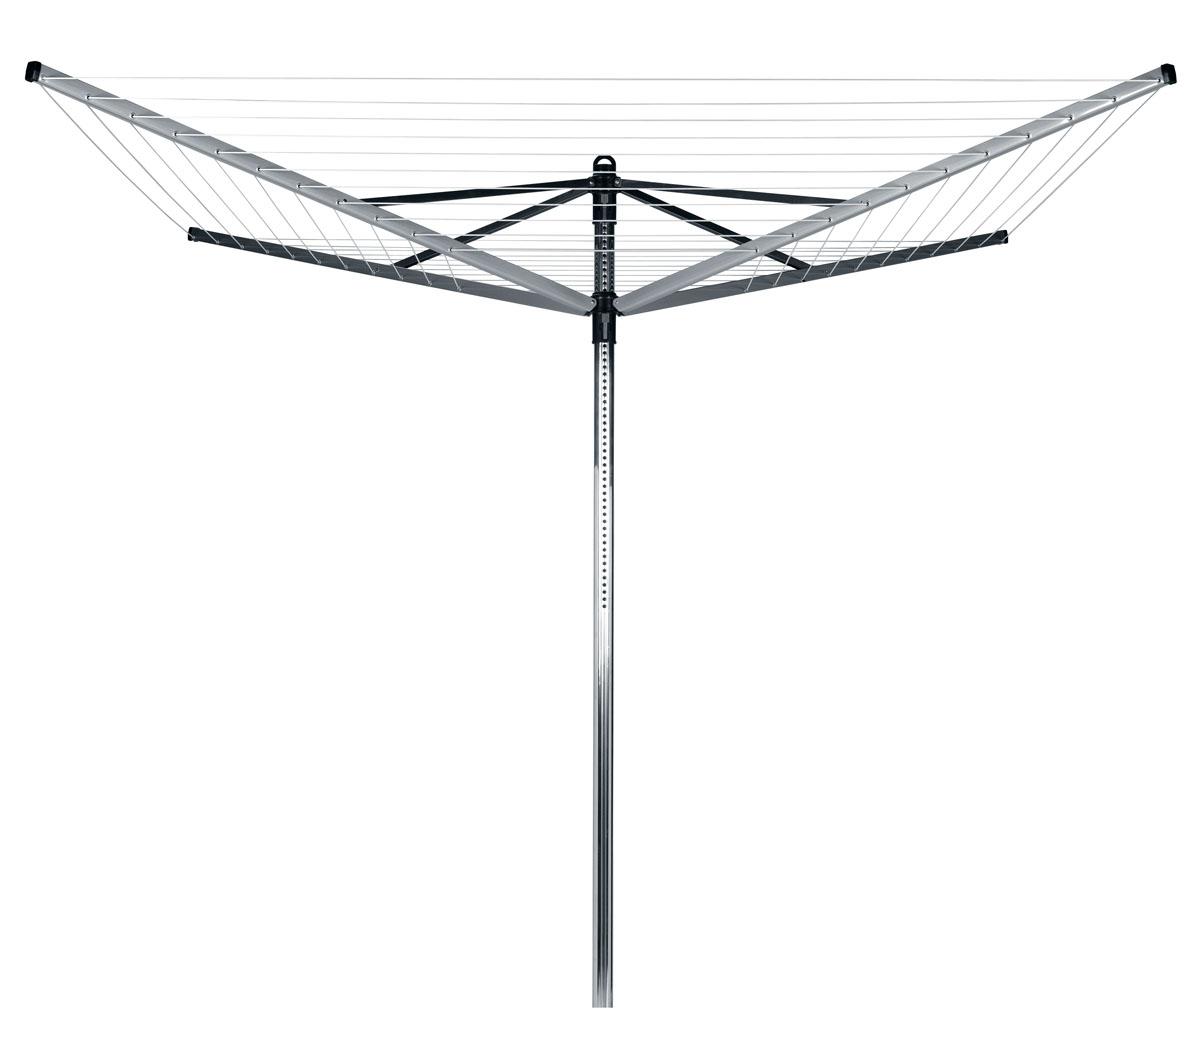 Сушилка для белья Brabantia Lift-O-Matic311000Сушилка Brabantia Lift-O-Matic с четырьмя направляющими вращается вокруг своей оси и регулируется по высоте. Благодаря вращающейся конструкции, вам не придется ходить вокруг сушилки с корзиной белья, а специальный механизм Lift-O-Matic поможет легко настроить идеальную рабочую высоту сушилки. Особенности: - Изготовлена из материалов, стойких к коррозии: направляющие из стали со специальным покрытием и алюминиевая труба диаметром 45 мм. - Удобно вешать и снимать белье, так как можно легко изменять высоту веревок (от 124 до 182 см). - Сушилка плавно вращается даже при полной загрузке мокрым бельем. - В нижнем положении идеально подходит для проветривания подушек и других постельных принадлежностей. - Компактная модель: сушилка легко складывается и занимает мало места при хранении. Механизм сложения - зонтик. - Высокопрочные струны с противоскользящим профилем. - Металлическое основание для установки сушилки в комплекте.